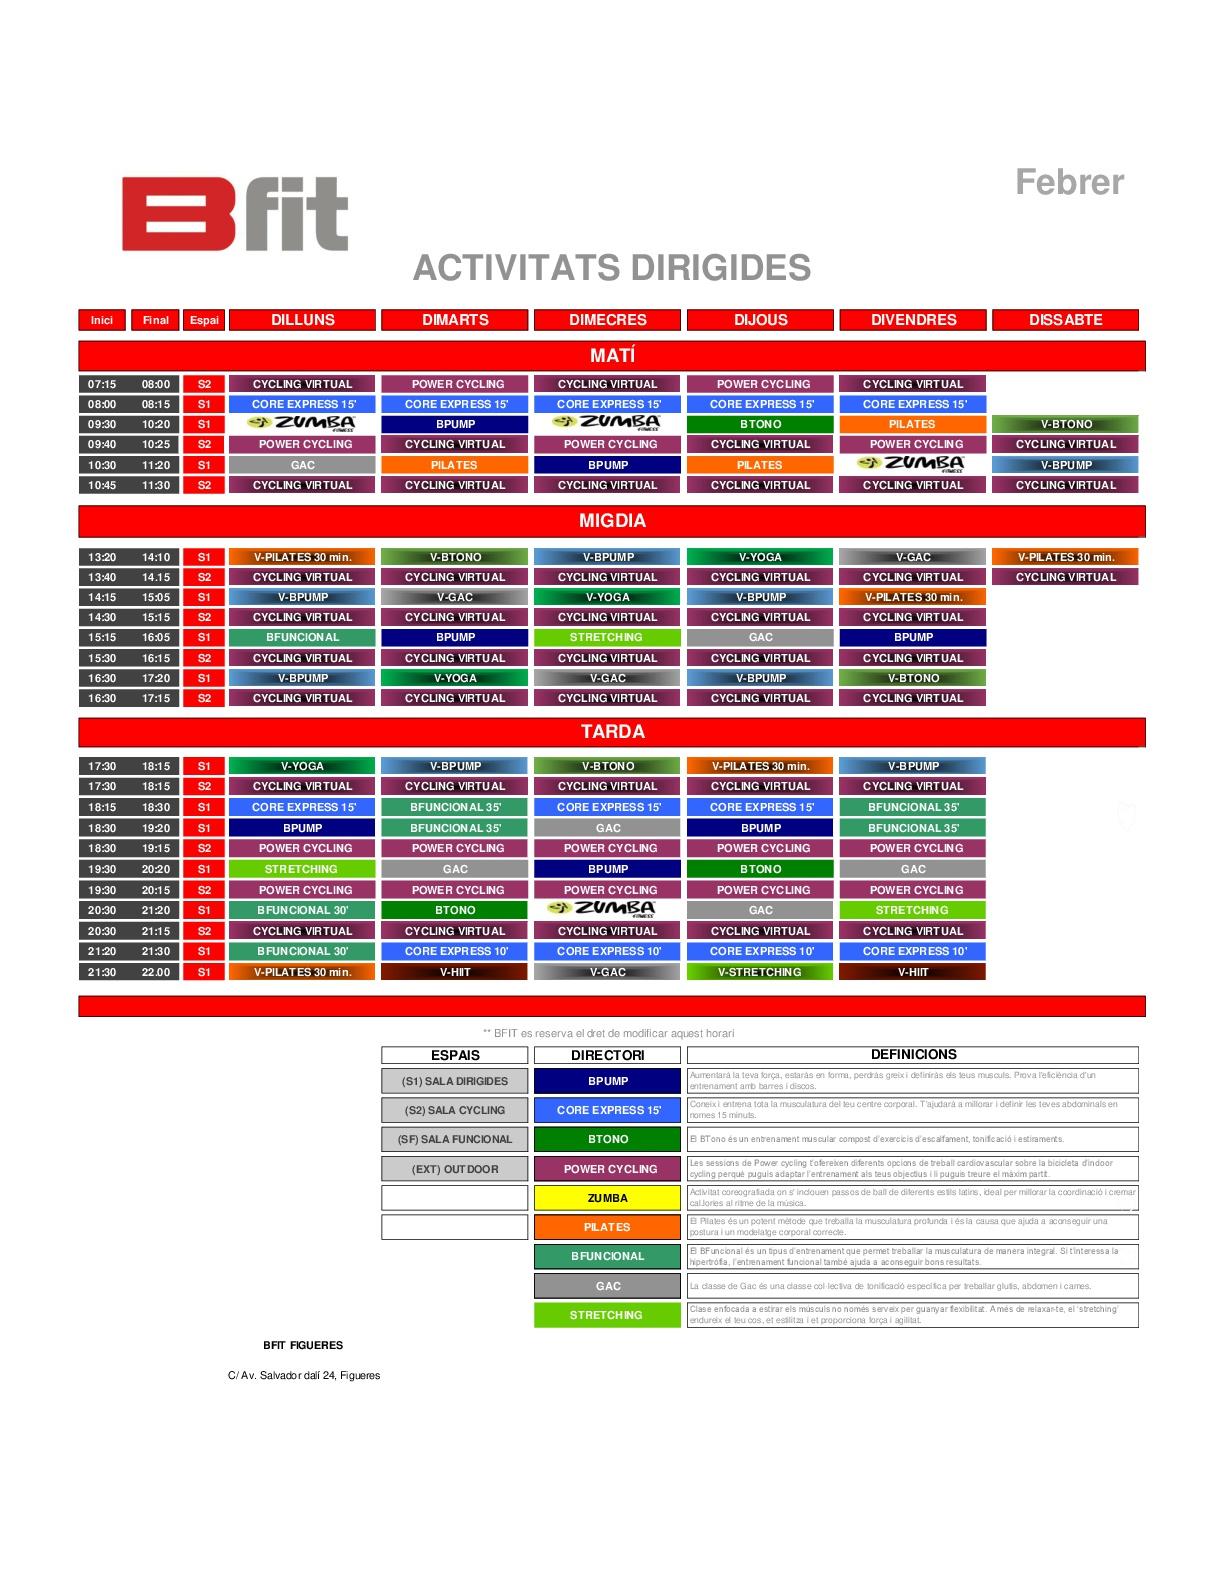 Model Horaris BFiT Figueres-Febrer (1)-001